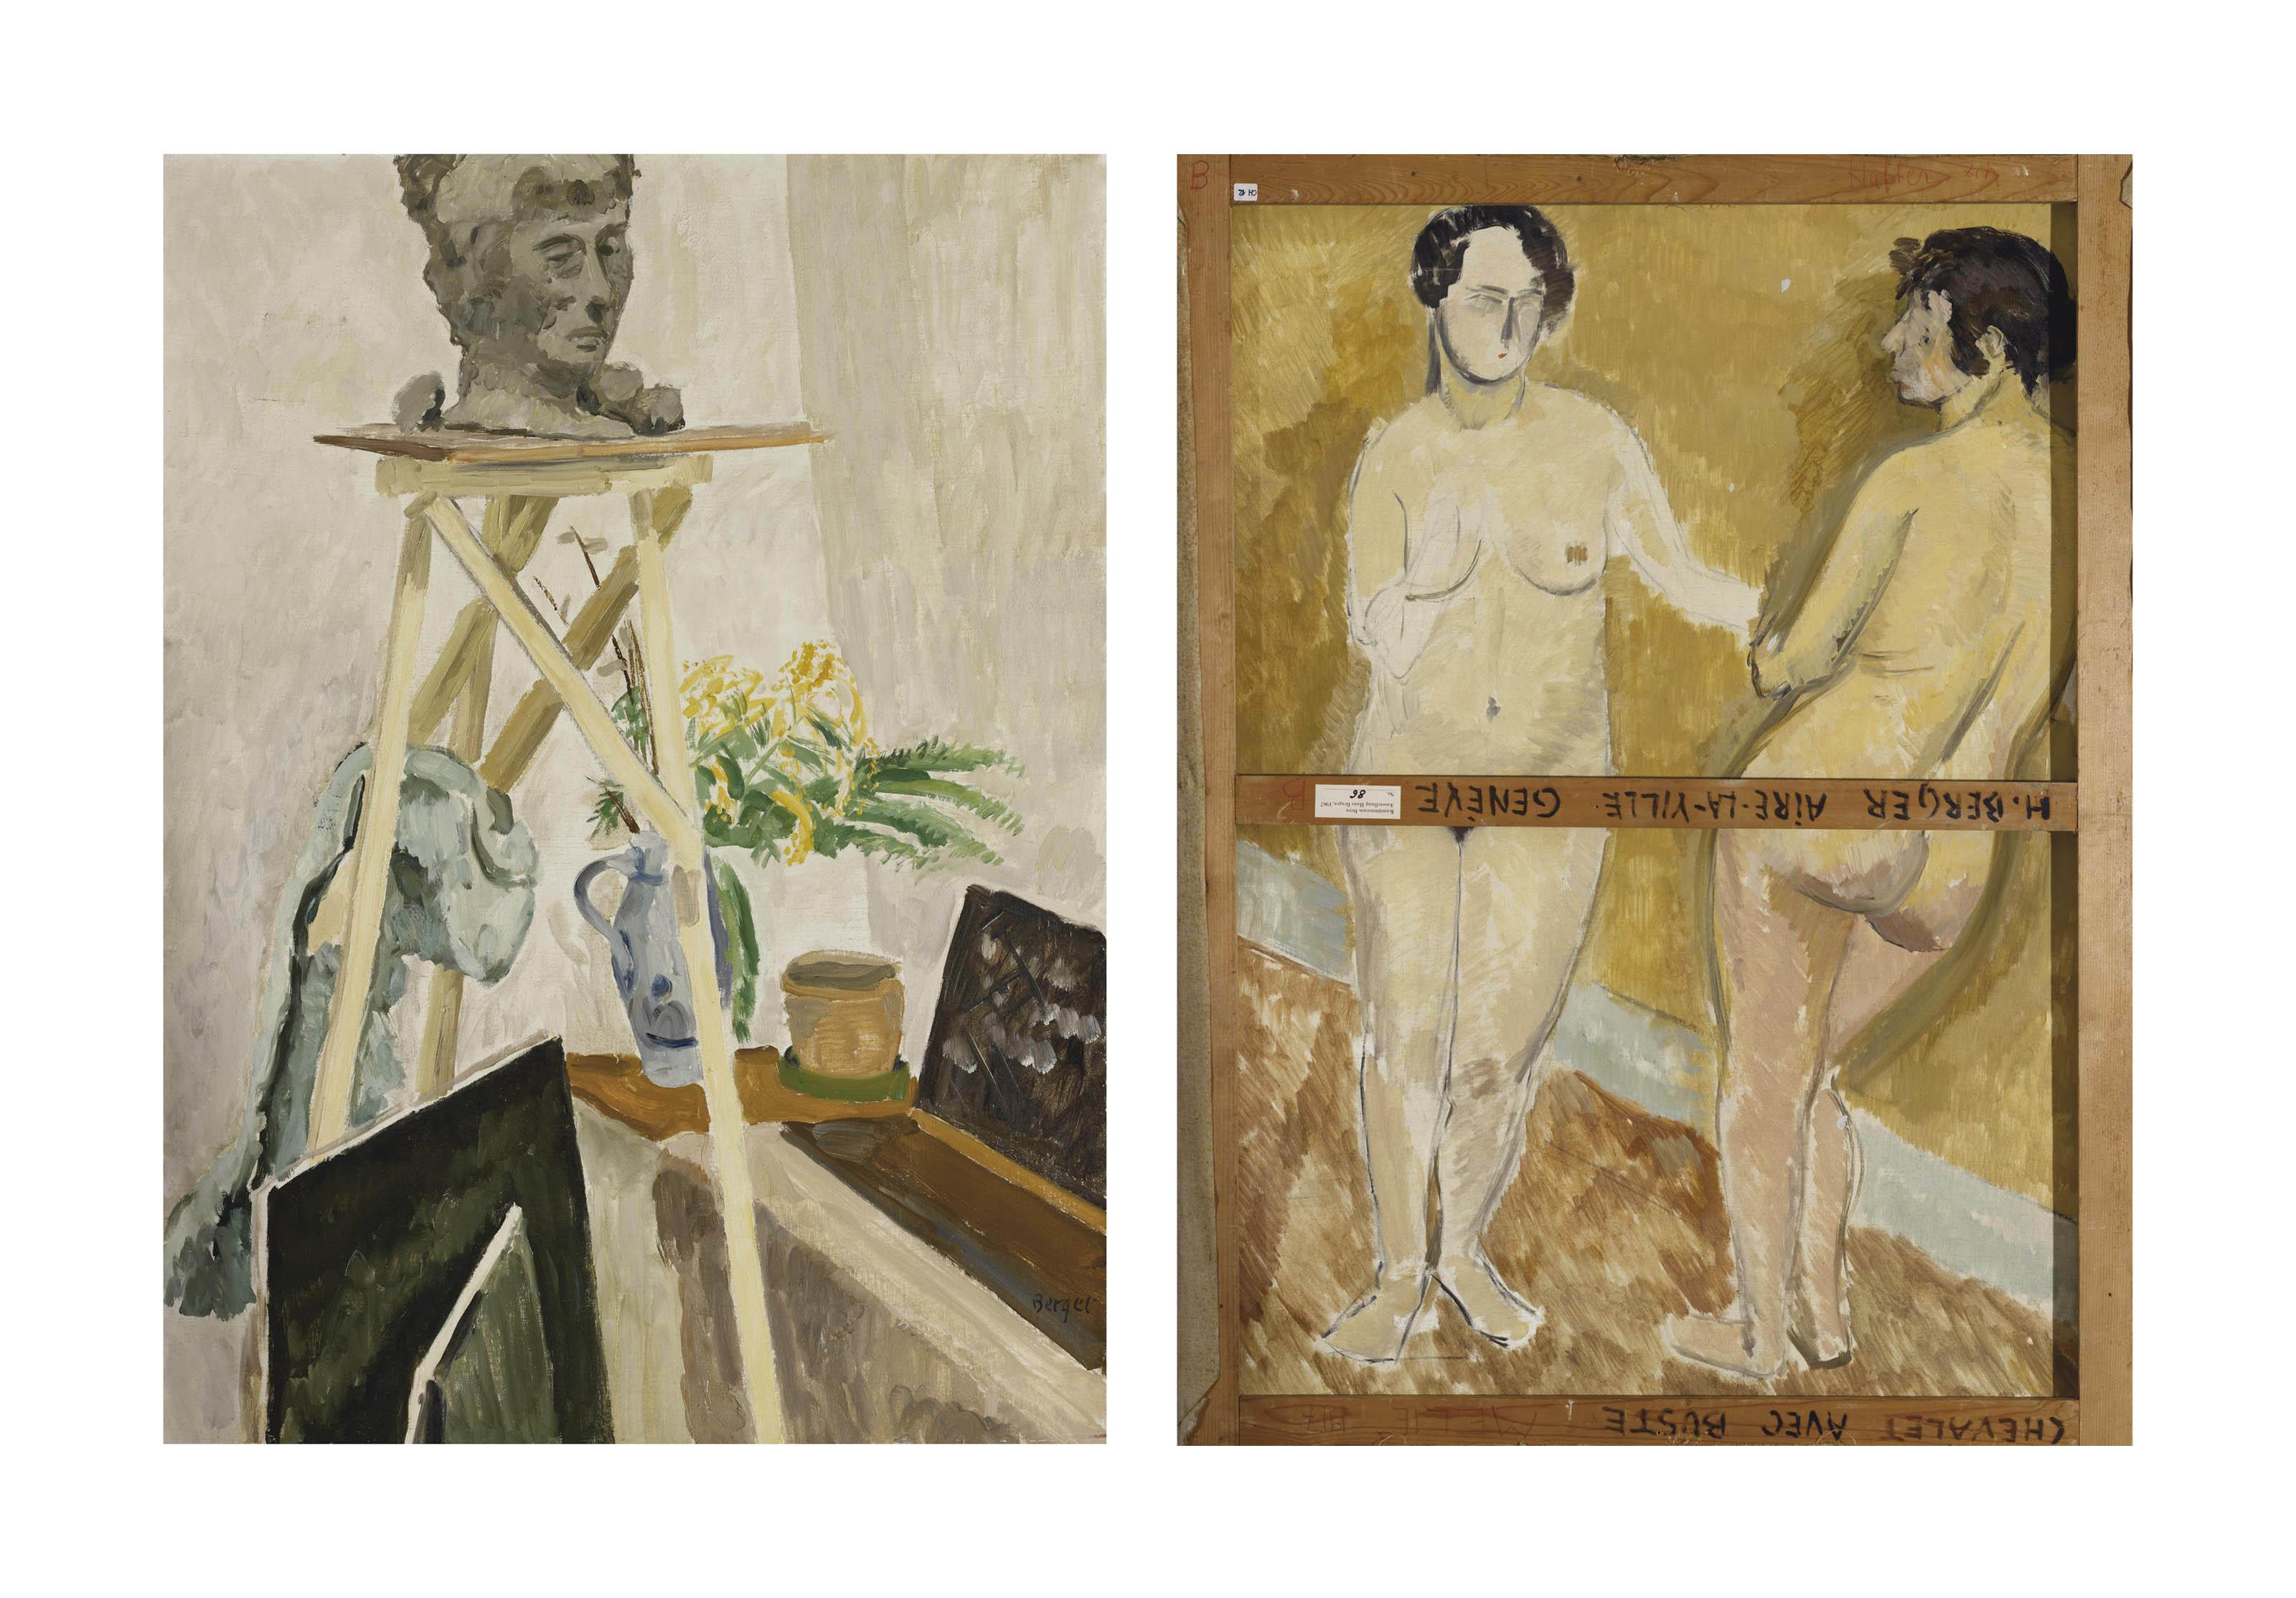 Chevalet avec buste, um 1930 (verso: Zwei stehende Frauenakte)